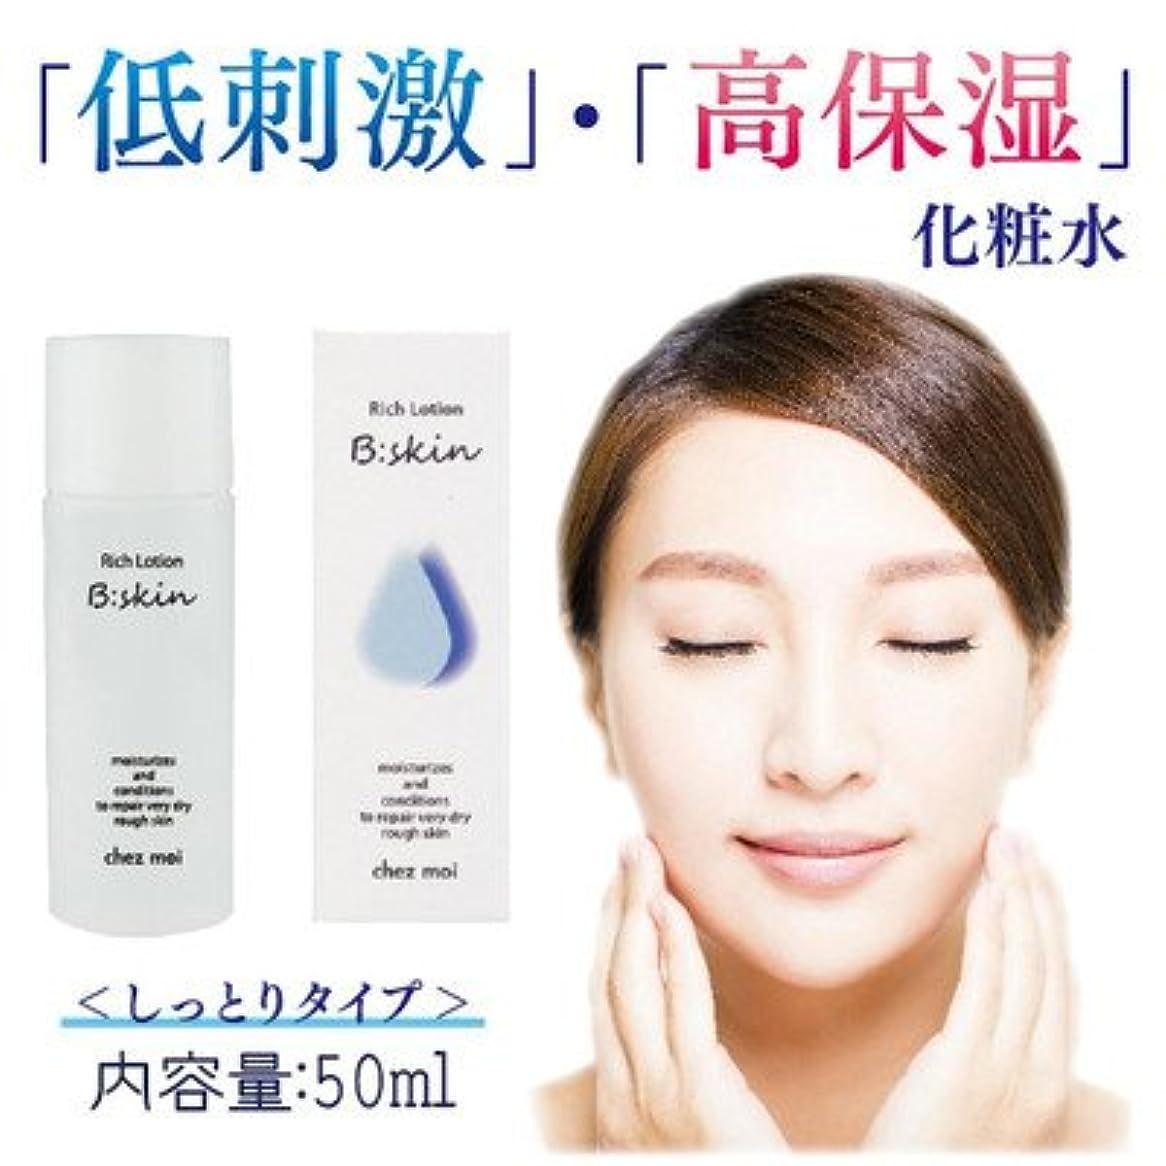 スペシャリスト当社強化する低刺激 高保湿 しっとりタイプの化粧水 B:skin ビースキン Rich Lotion リッチローション しっとりタイプ 化粧水 50mL